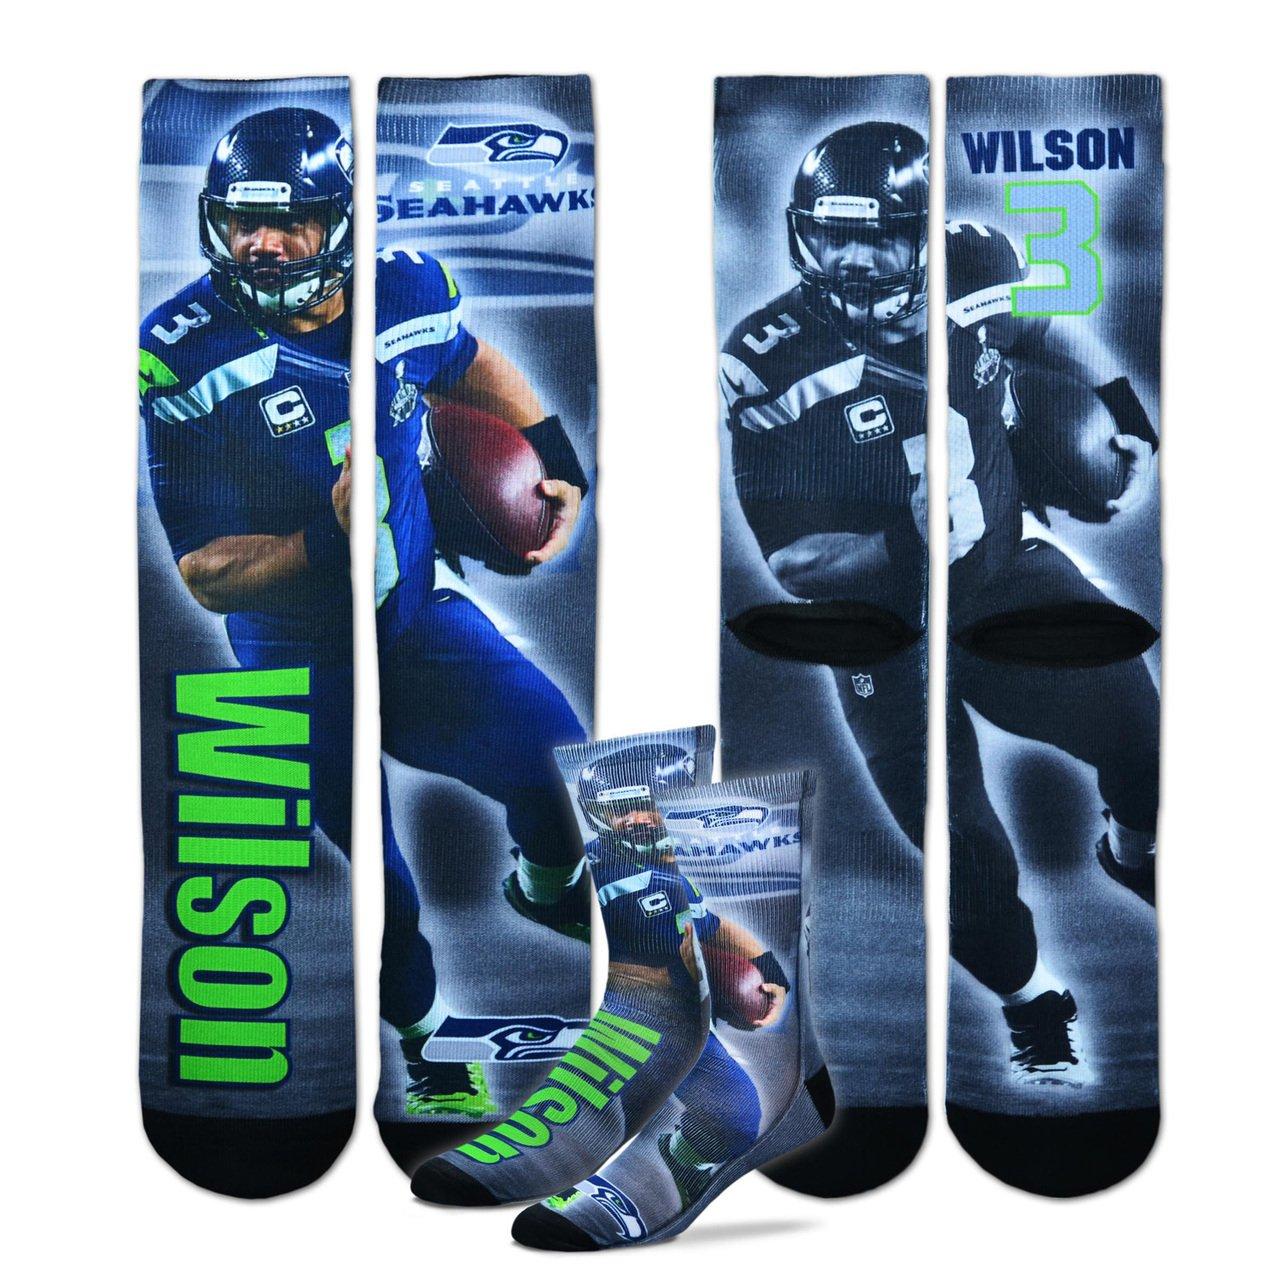 送料無料 Seattle SeahawksユースサイズNFLドライブクルー子供用ソックス( One 4 – 8歳用) – Russell Wilson Russell One 4 Size B0140GHPG6, 安達郡:1cba6860 --- movellplanejado.com.br